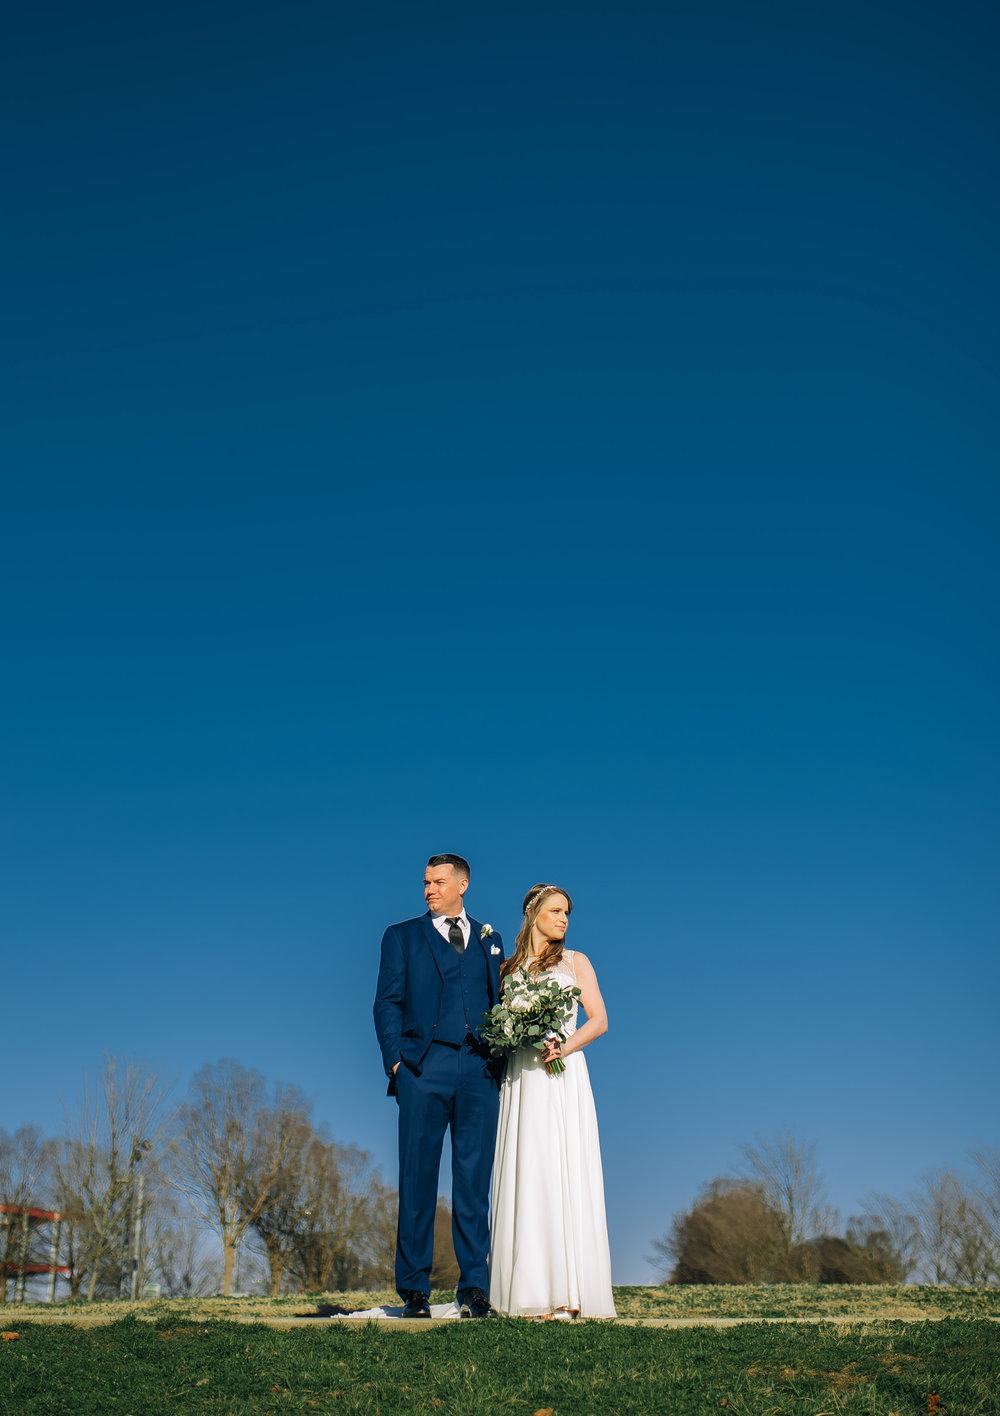 Danielle + Jordan - Bridge Building - Nashville Wedding Photography